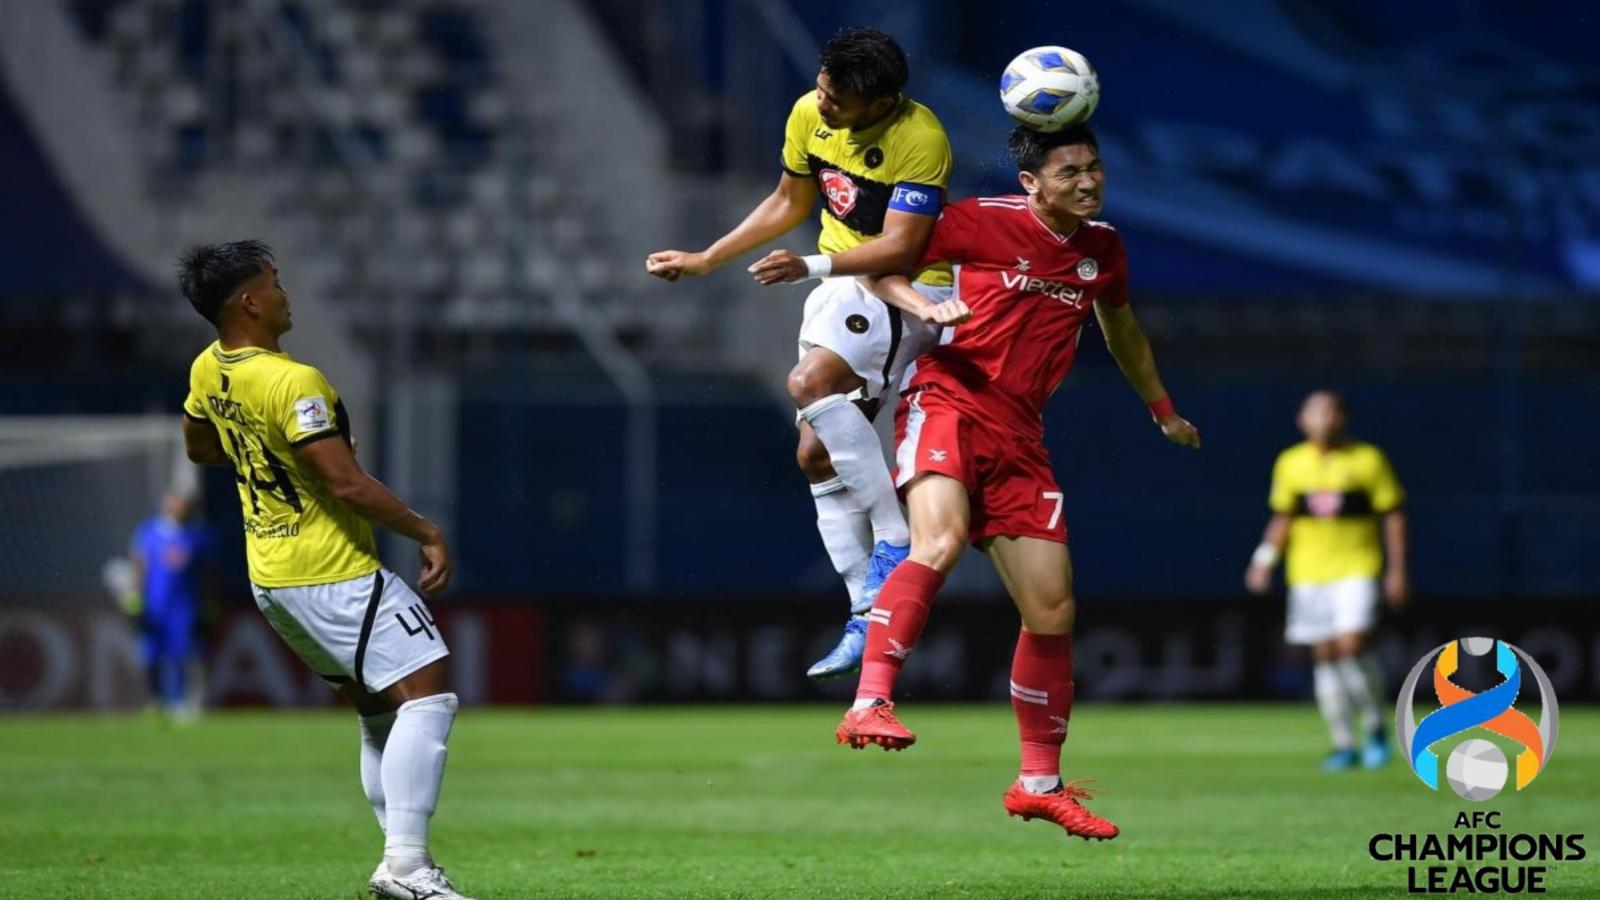 Dự đoán kết quả, đội hình xuất phát trận Viettel FC - Kaya FC